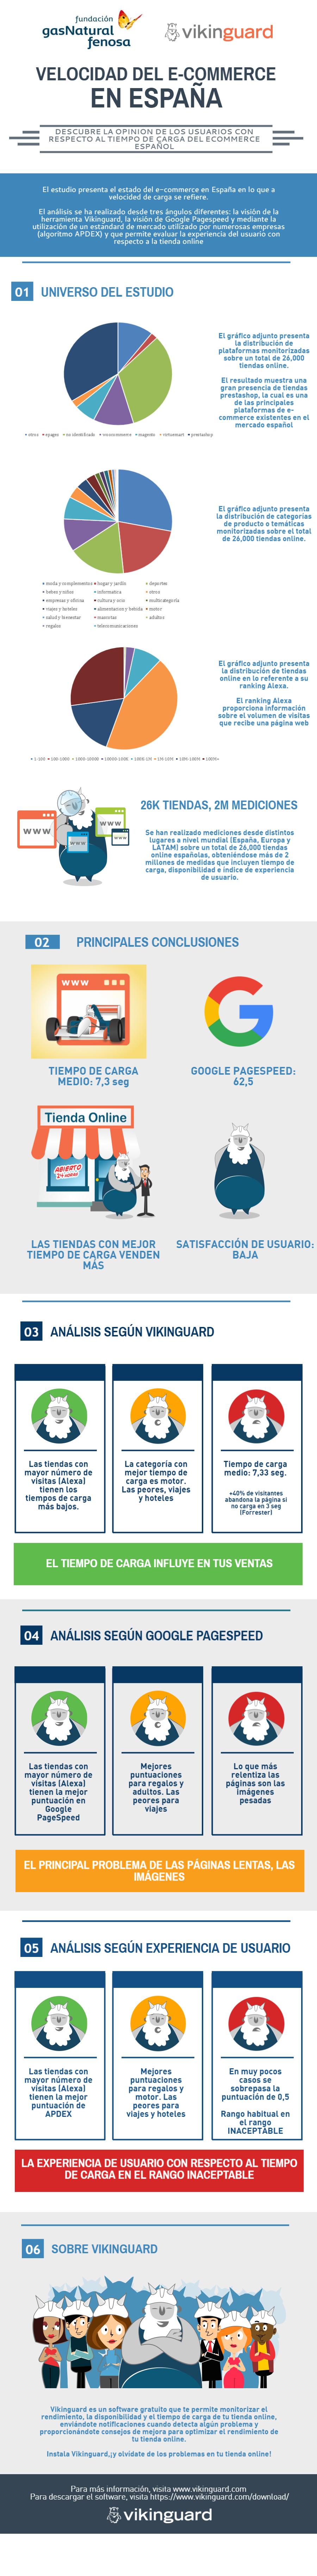 infografia-estudio-sobre-velocidad-de-carga-del-e-commerce-en-espana